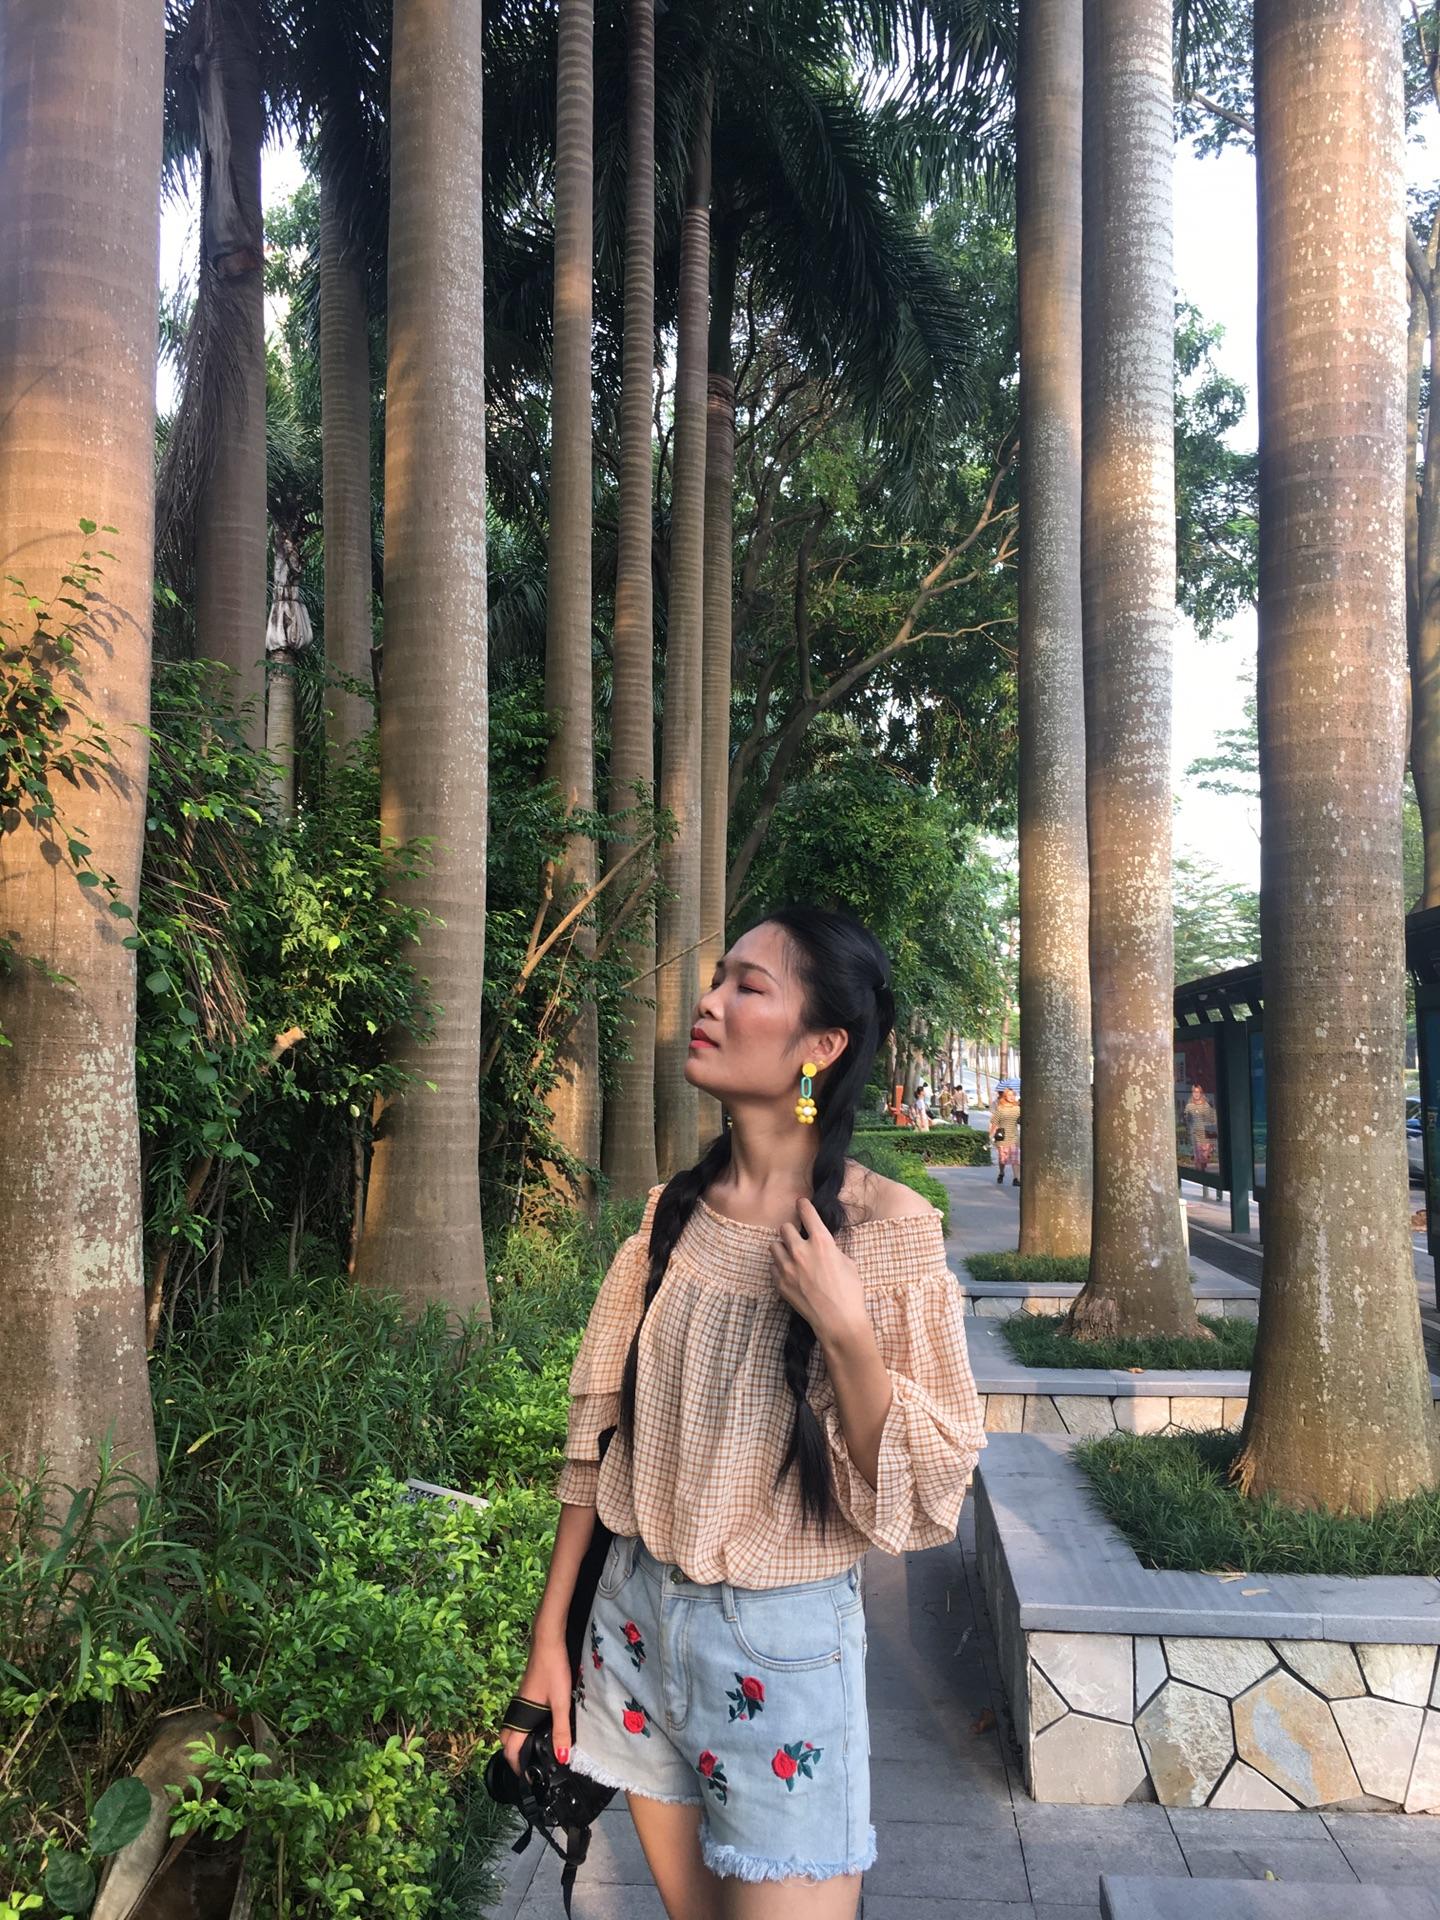 清新之夏,文艺圣地--深圳华侨城创意文化园(2019年8月24日)